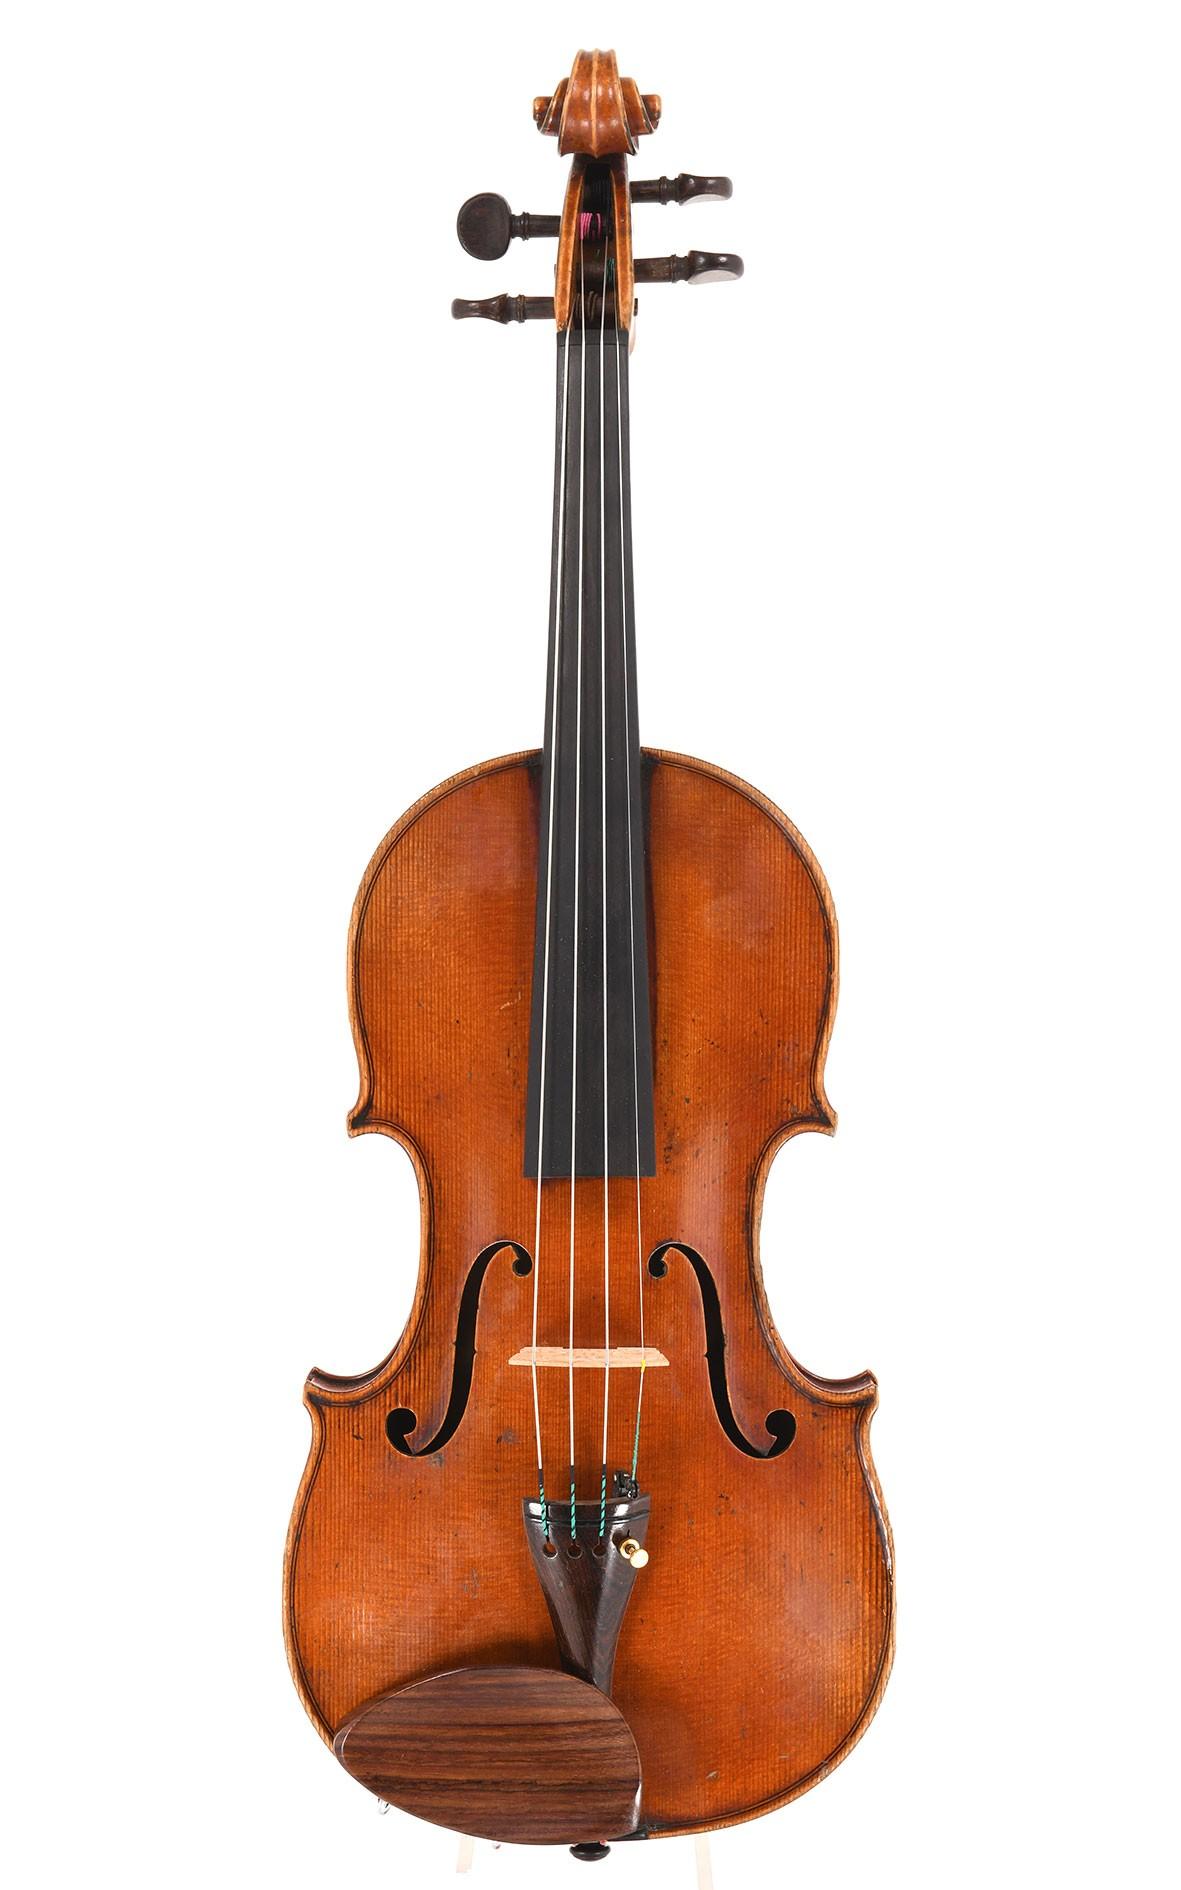 Violon français de Moinel Cherpitel, Paris 1890